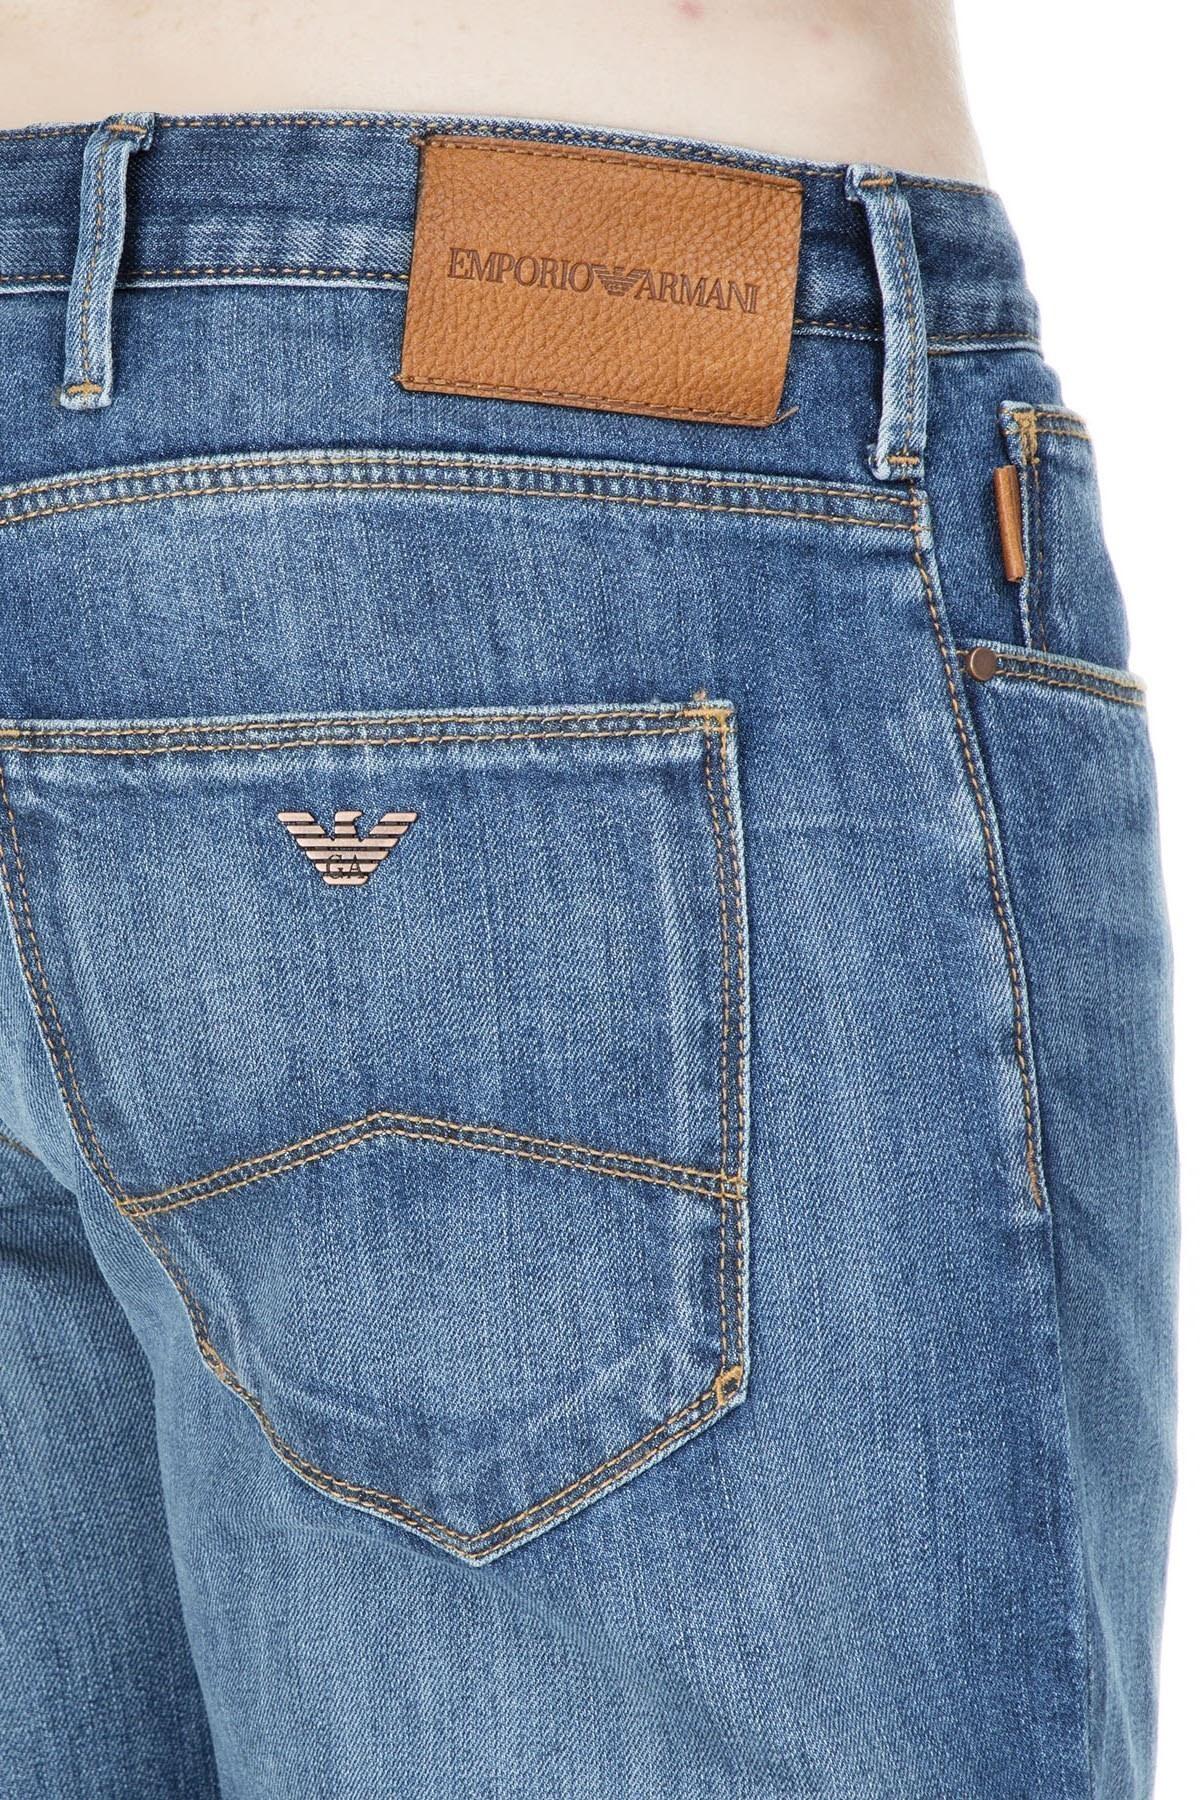 Emporio Armani J06 Jeans Erkek Kot Pantolon S 3G1J06 1D5QZ 942 KOYU MAVİ